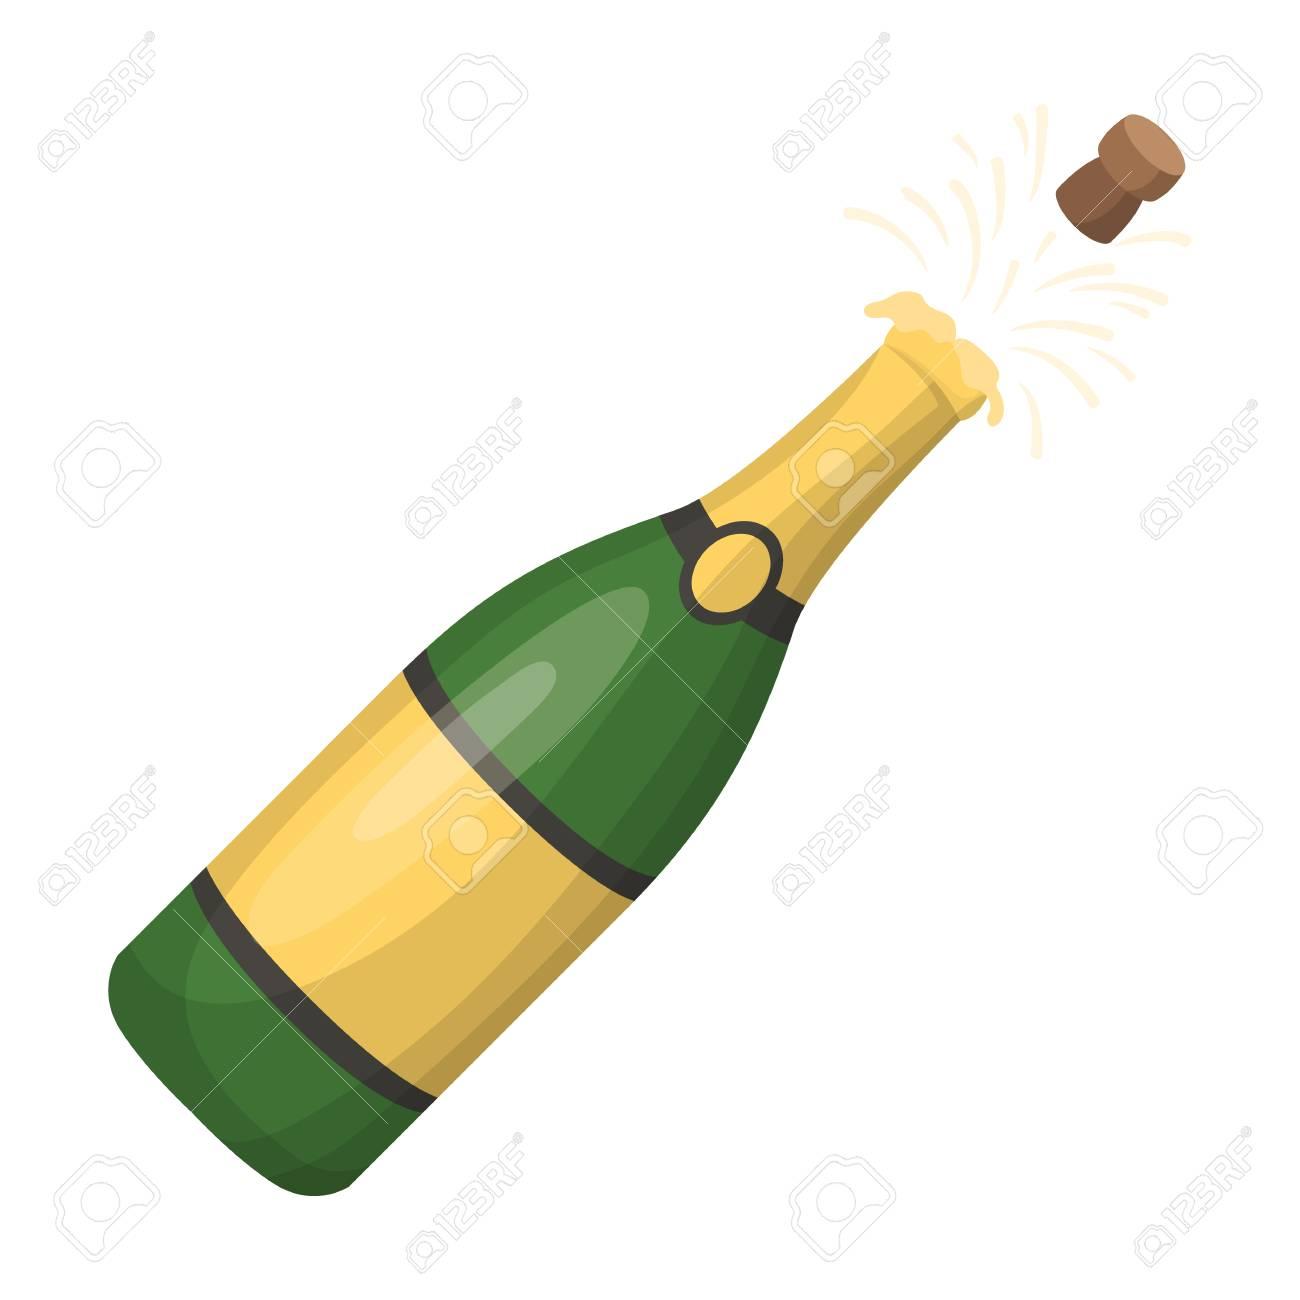 Bouteille De Champagne Dessin une bouteille de champagne avec un bouchon de liège. parti et